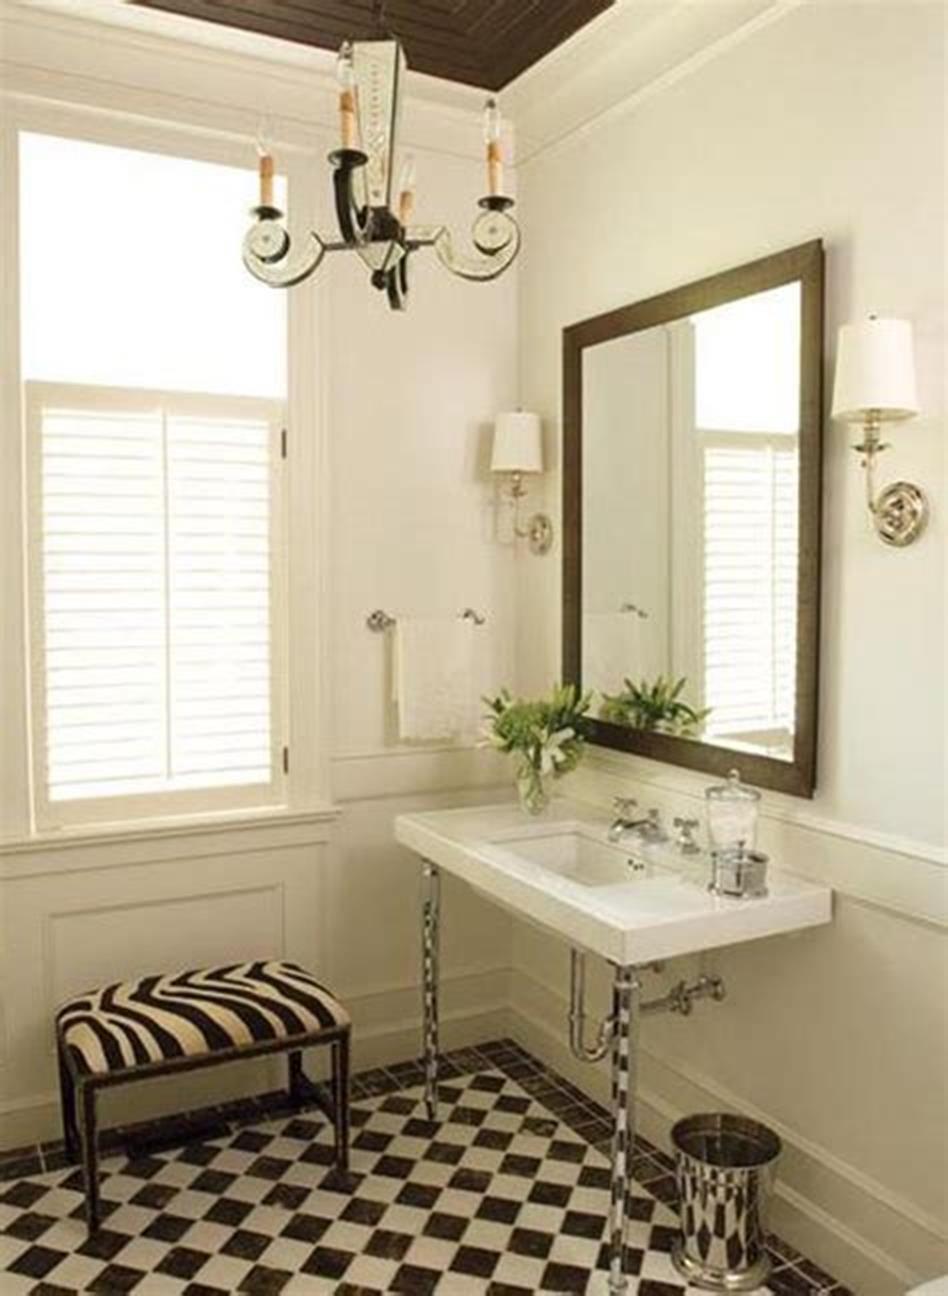 45 stunning bathroom decor ideas for small bathrooms 2019 on stunning small bathroom design ideas id=85009